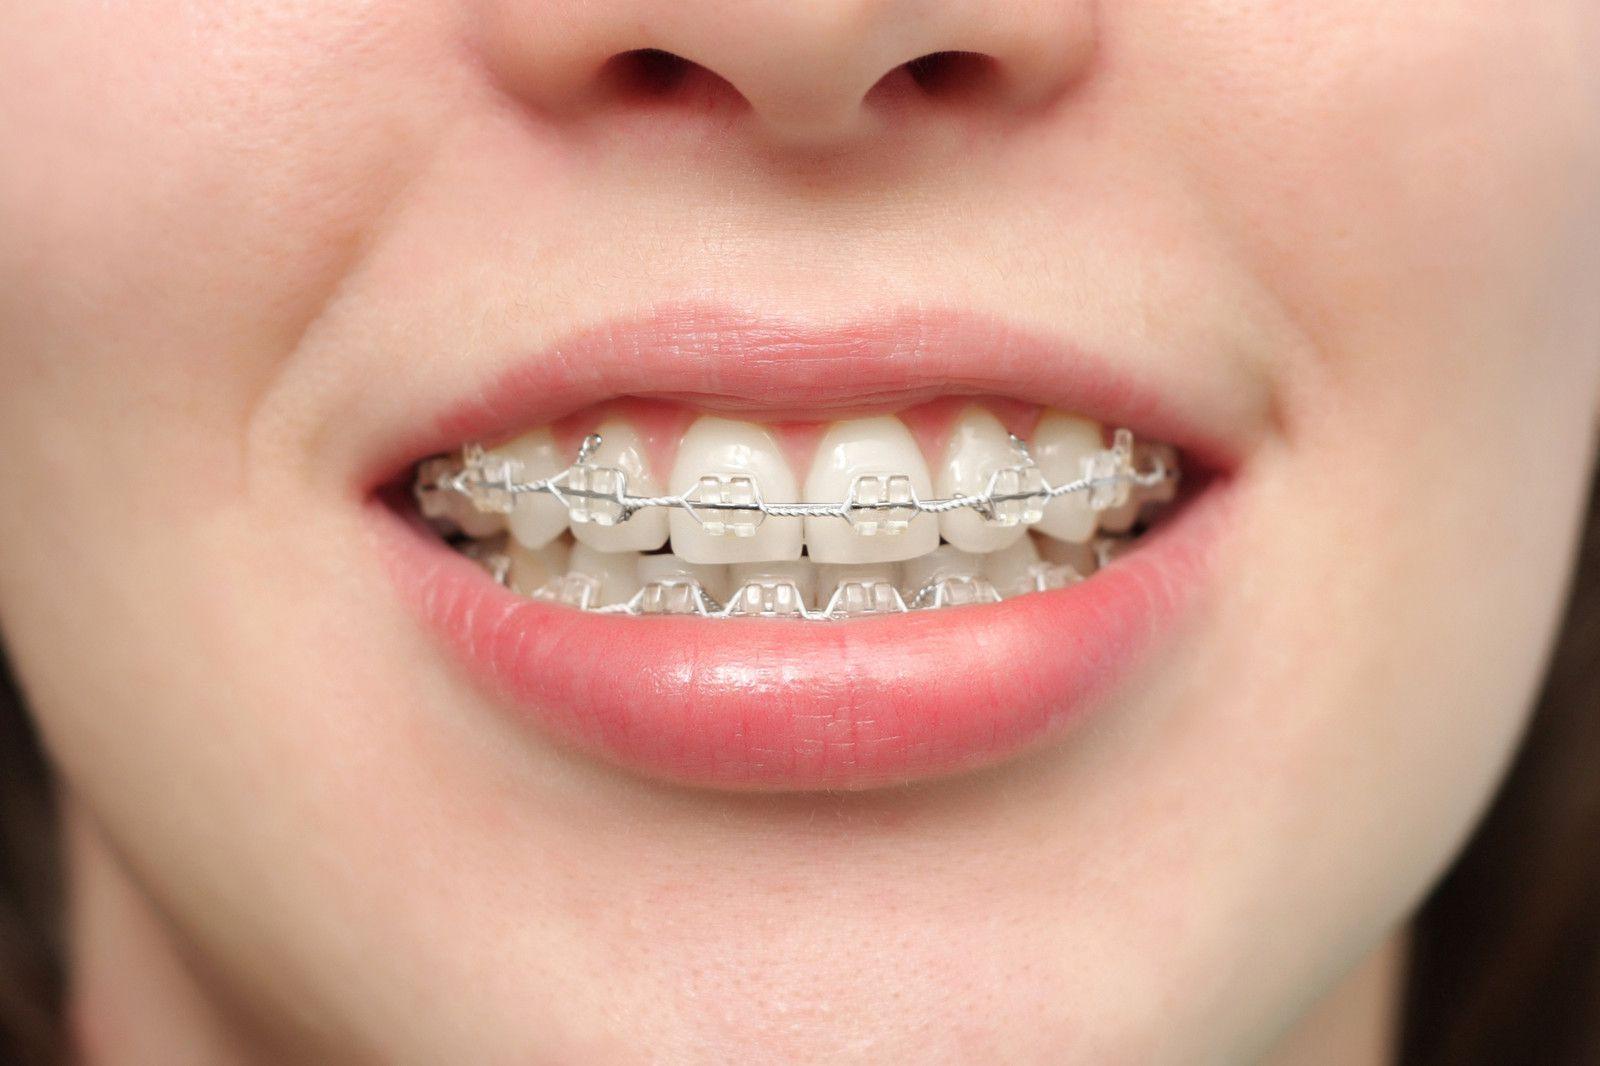 Giải pháp nắn chỉnh răng vẩu có hiệu quả khi nào?